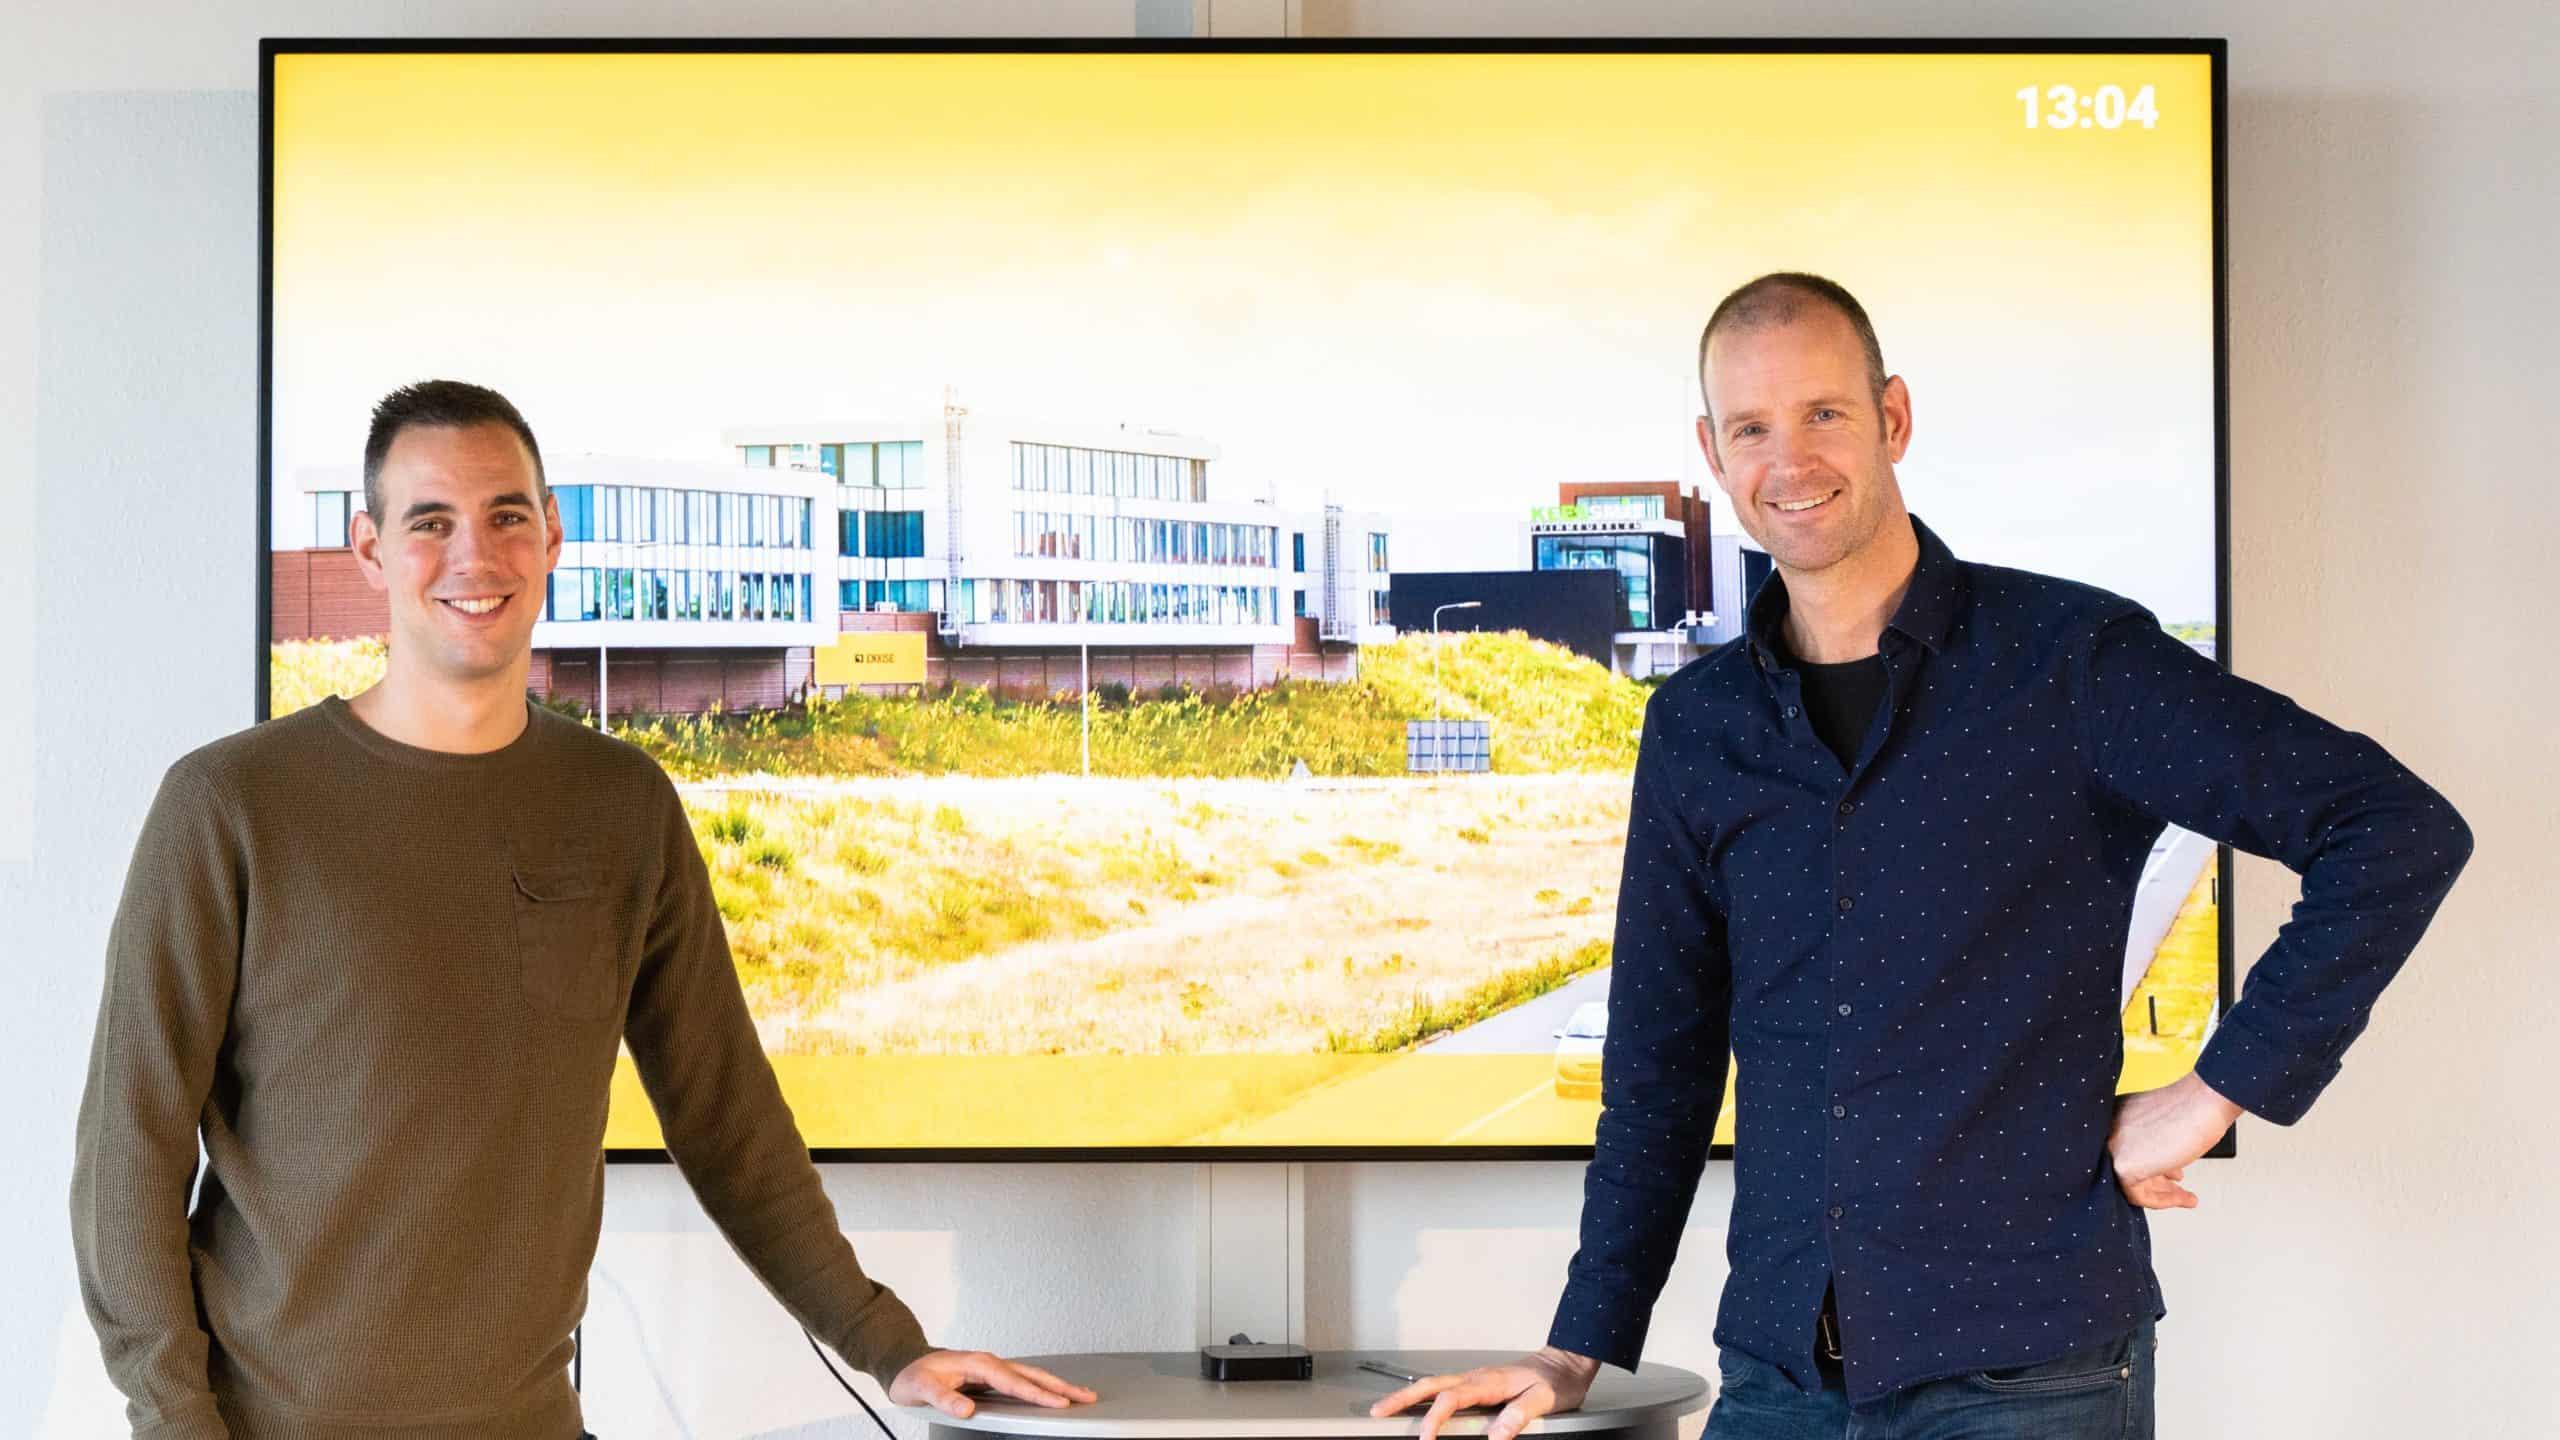 Bjorn Geerding, testengineer bij Polteq en Jeroen van Dijk, echnical Consultant bij Enrise